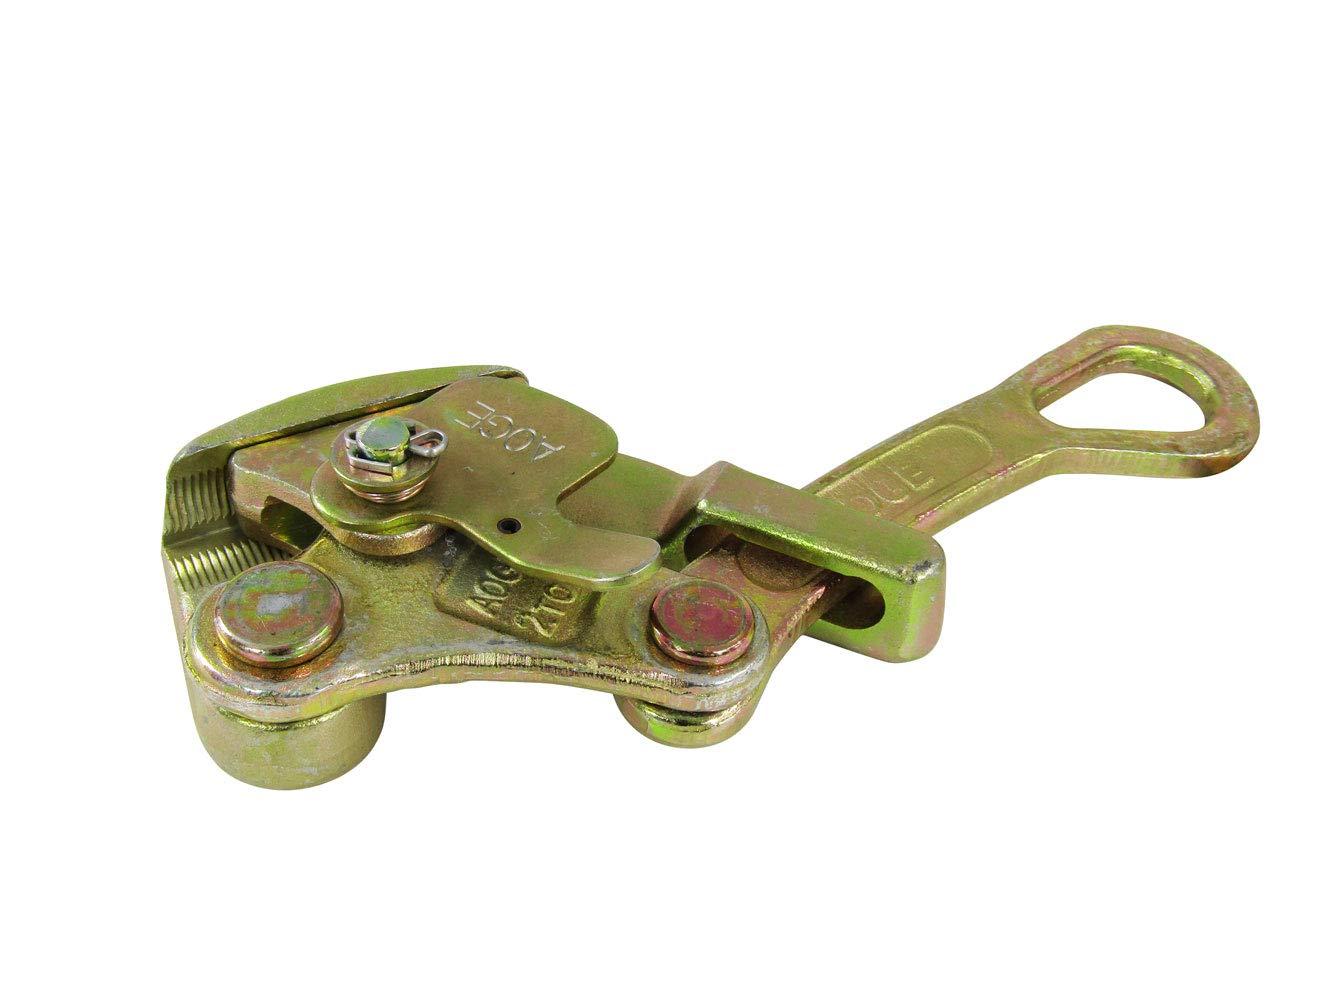 1 0.5T 1-10mm Draht-Grip Stahl Zugwerkzeug f/ür Drahtseil Kabelklemmen Draht Ziehgriff Handabzieher